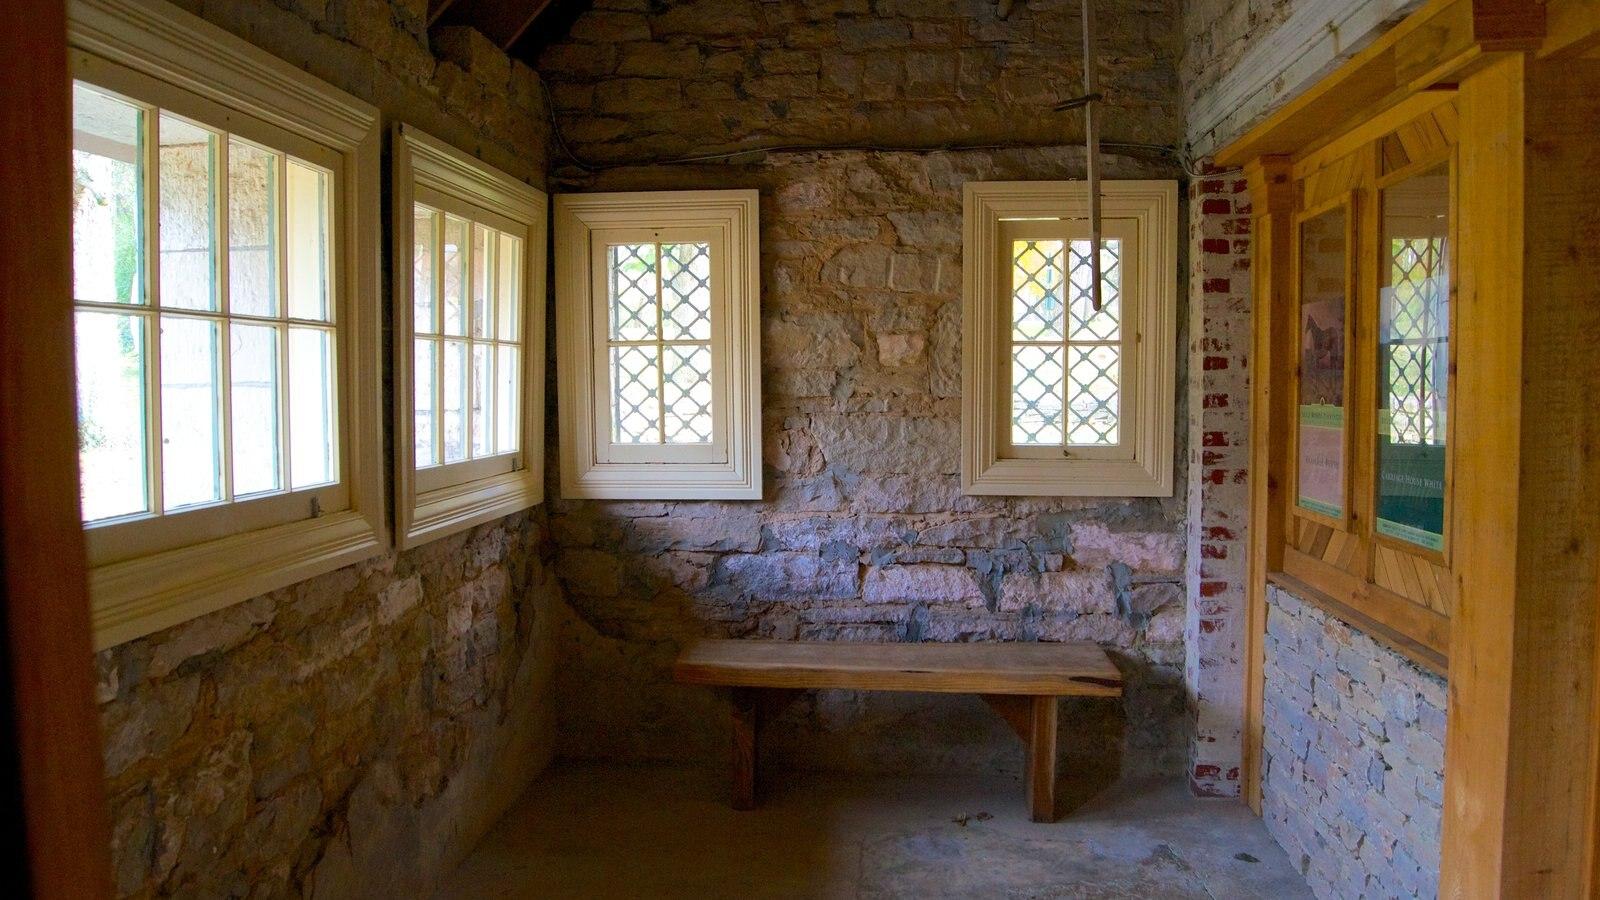 Belle Meade Plantation mostrando vistas interiores